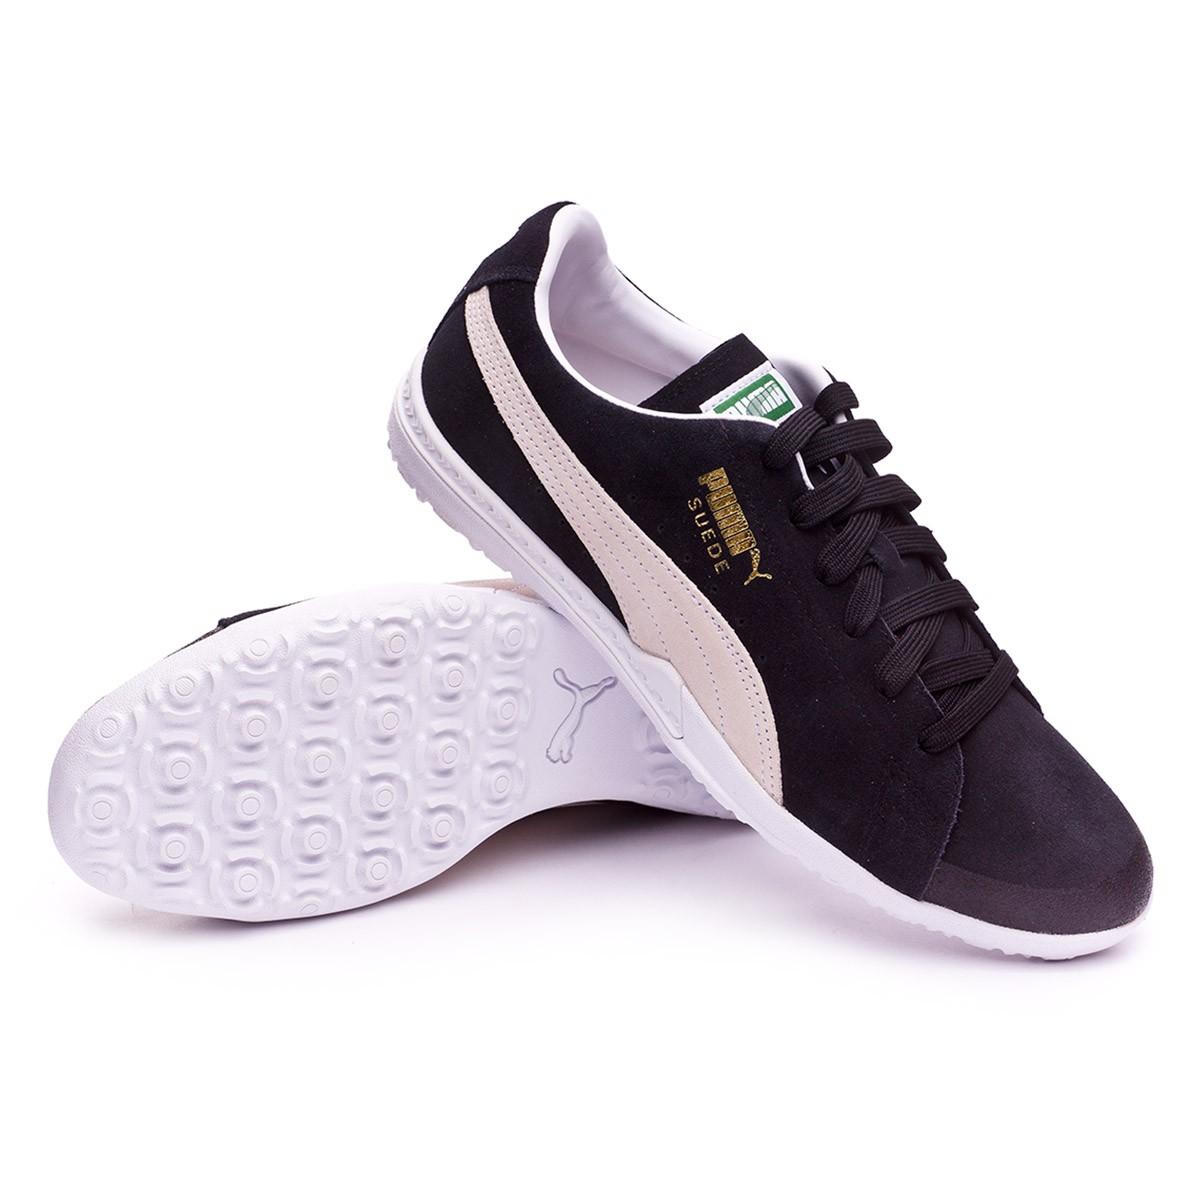 new style 492d2 e1393 Zapatilla Future Suede 50 TT Puma Black-Puma White